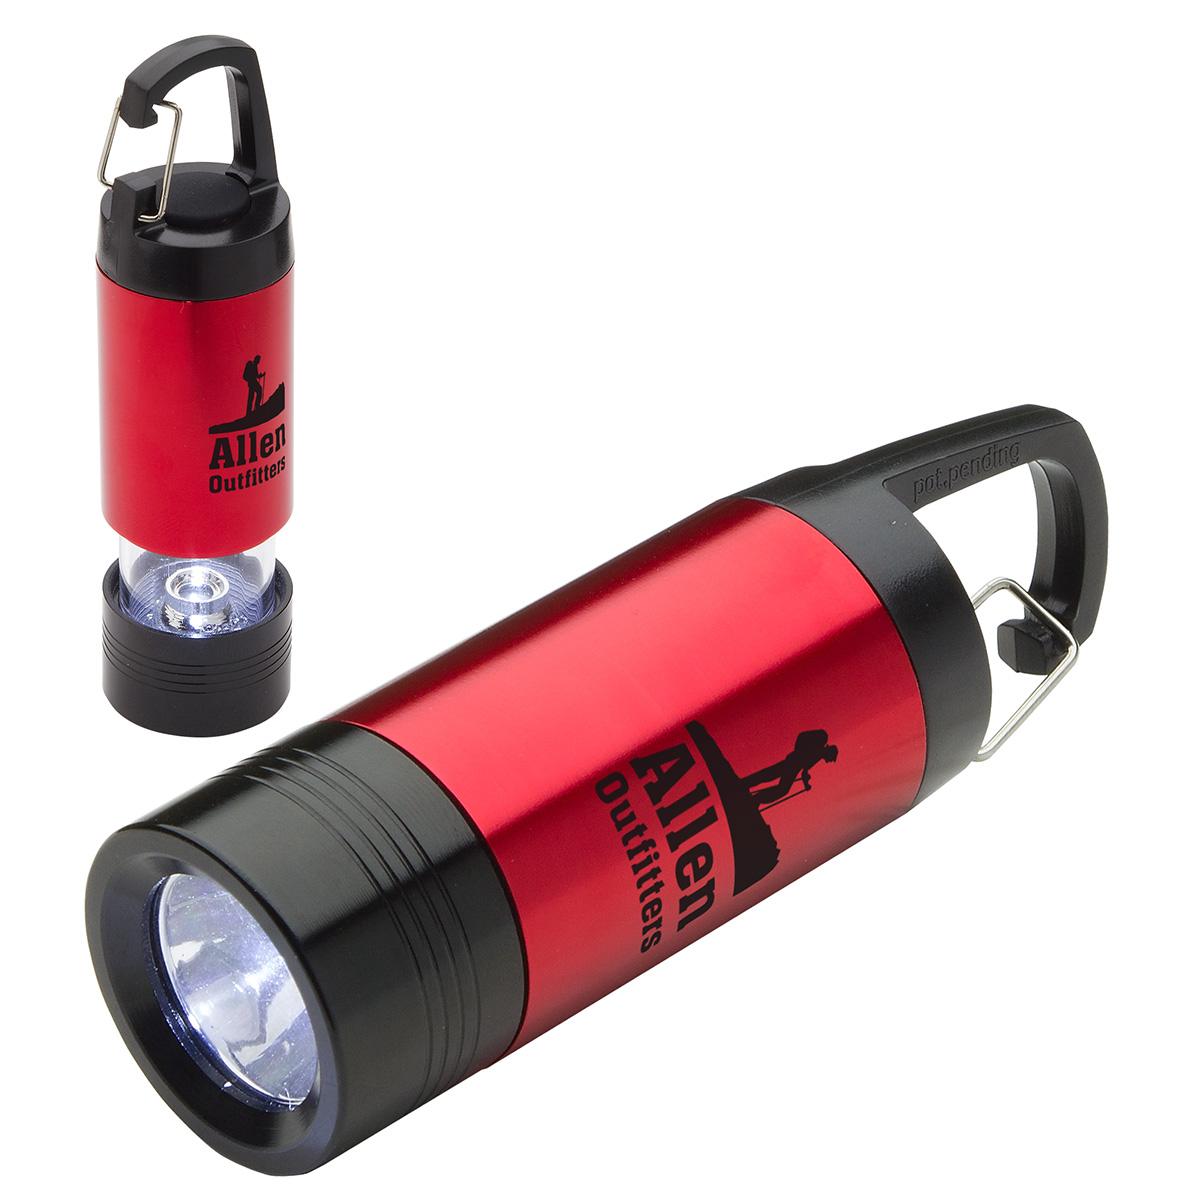 Combo LED Light & Lantern, WLT-LL15 - 1 Colour Imprint